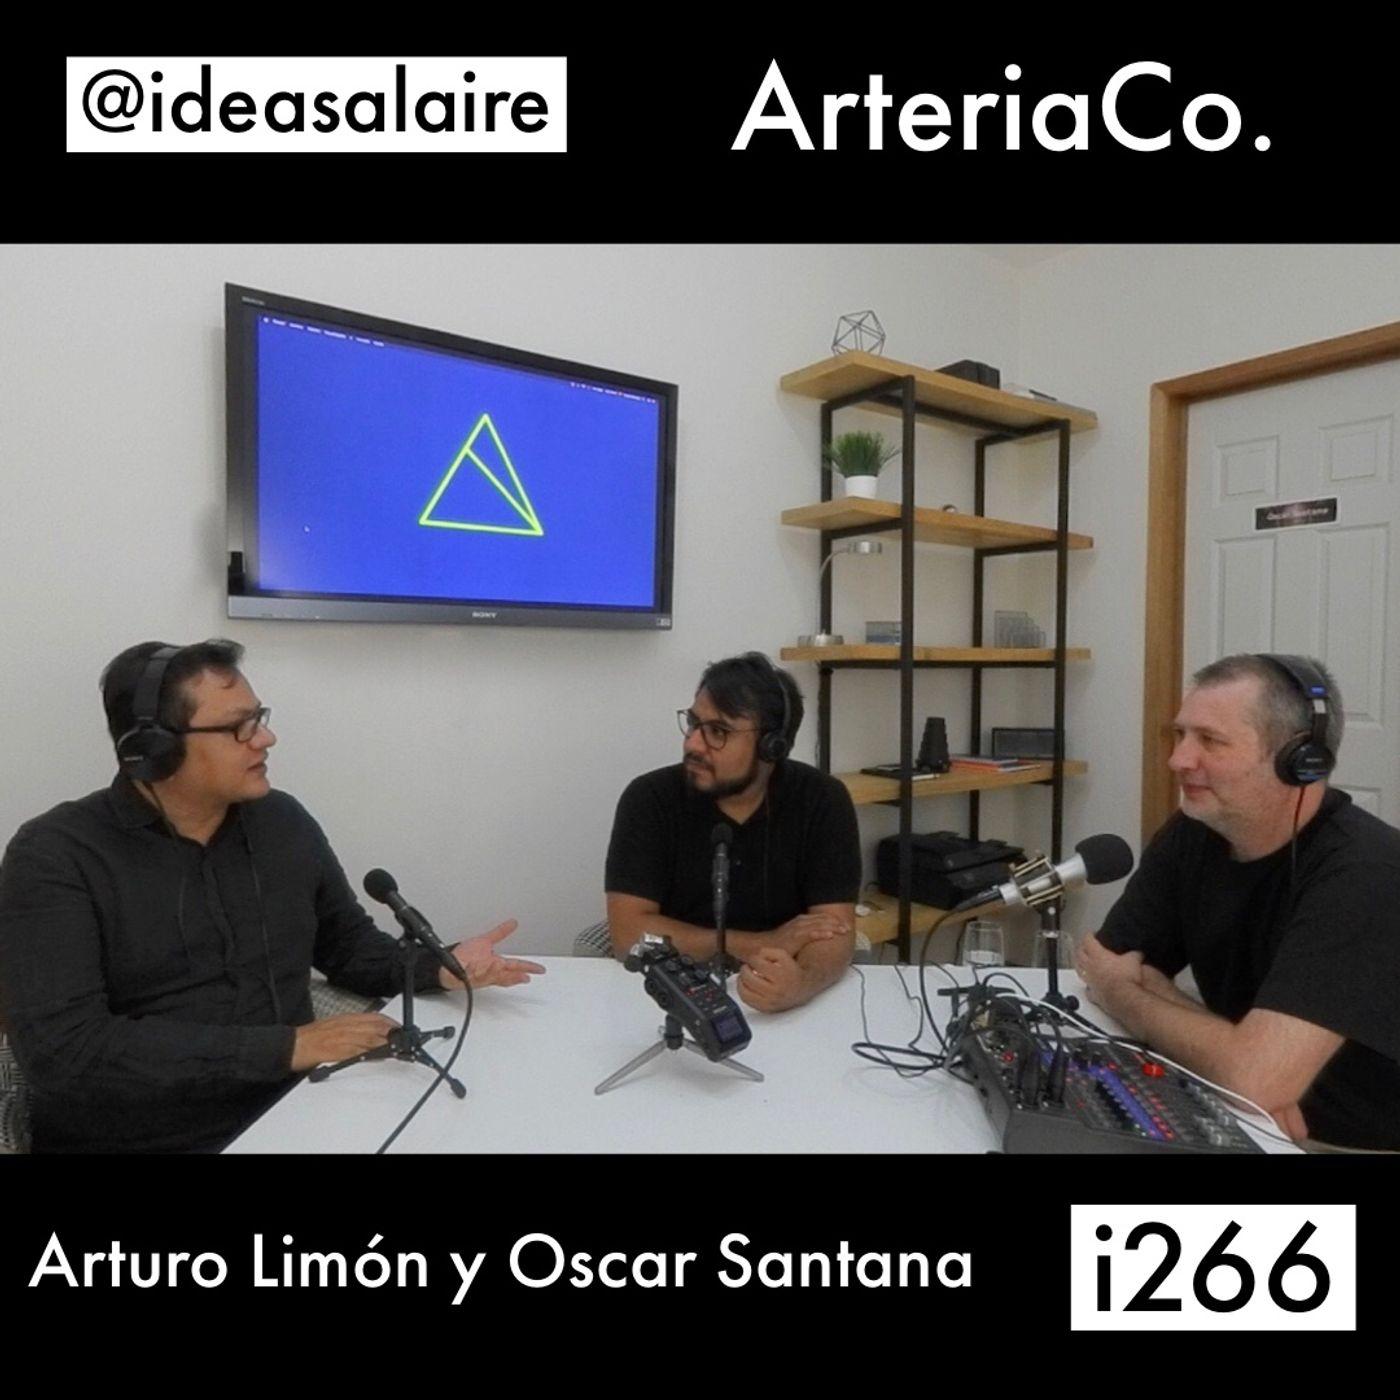 i266 Arturo Limón y Oscar Santana - ArteriaCo